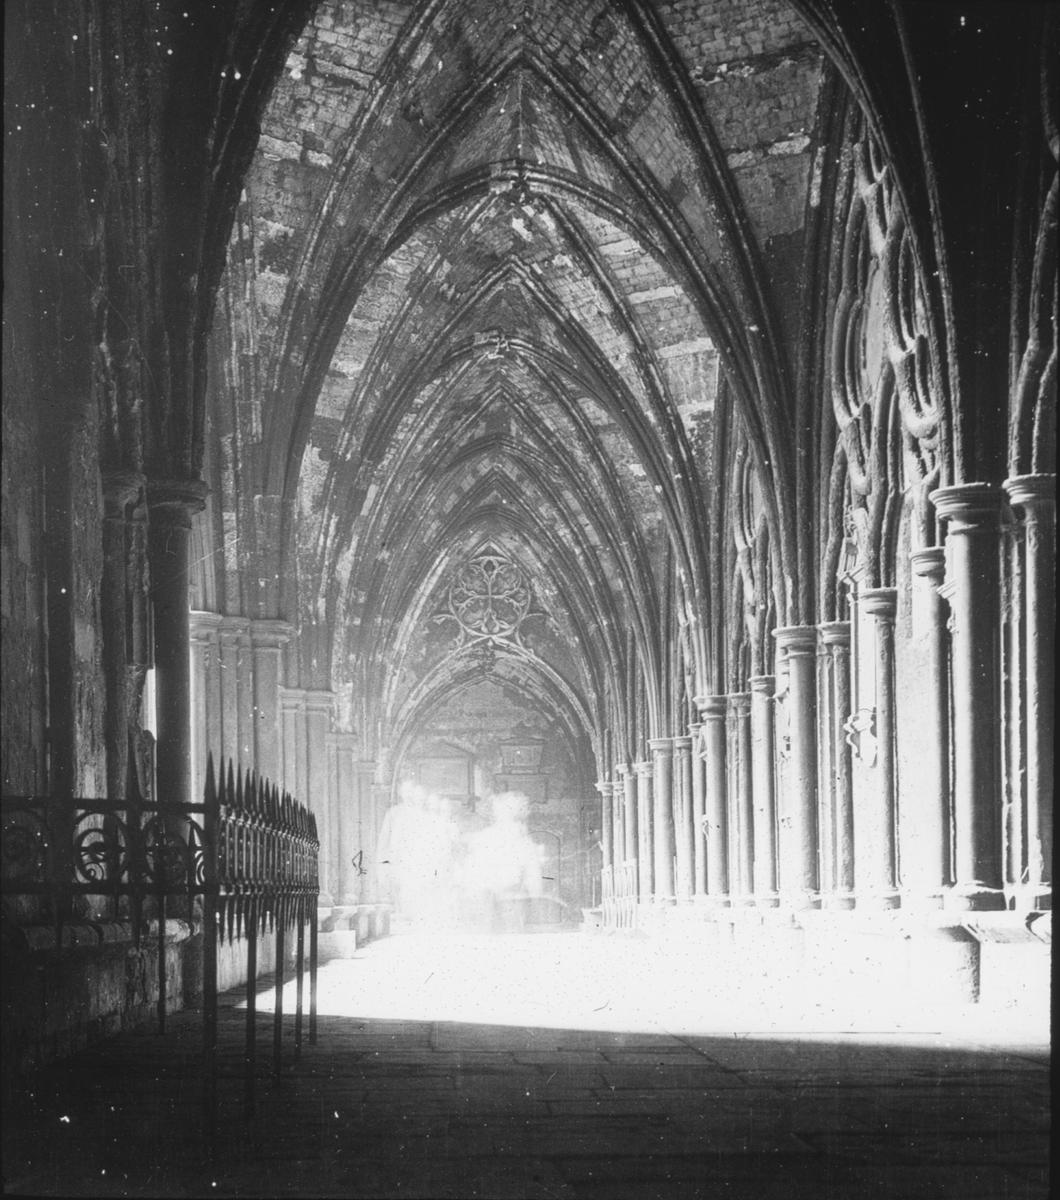 Skioptikonbild med motiv från Sigurd Curmans resor i Europa. Interiör från katedral, Westminster Abbey, i London. Den norra klostergången.